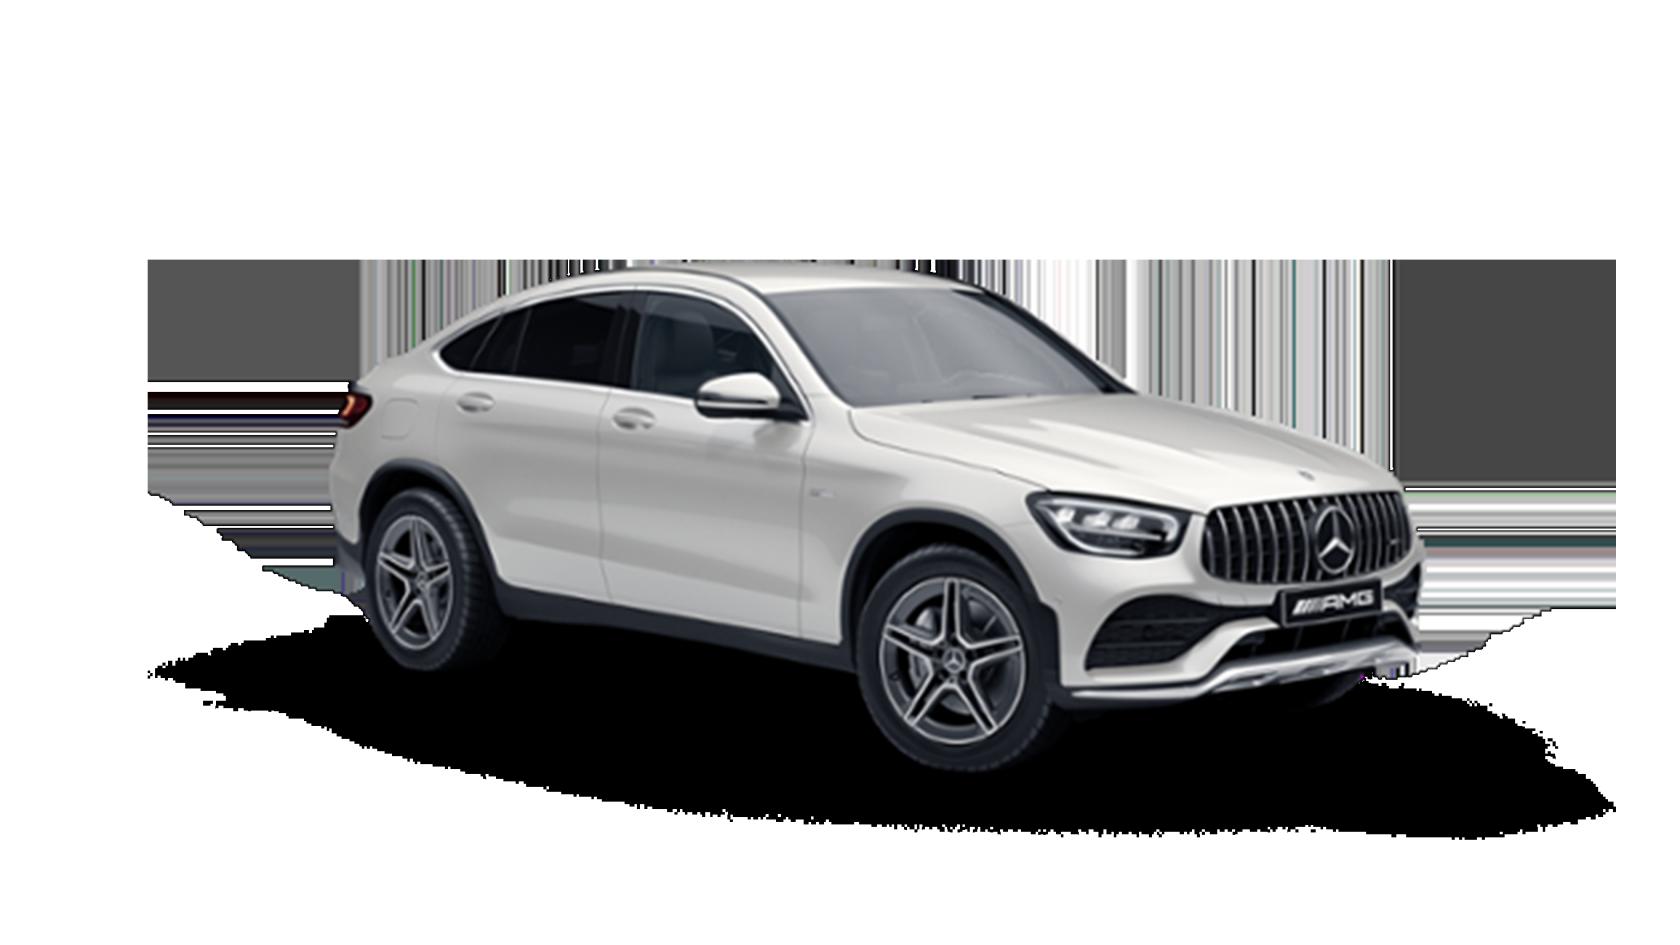 Mercedes Benz Amg Brand